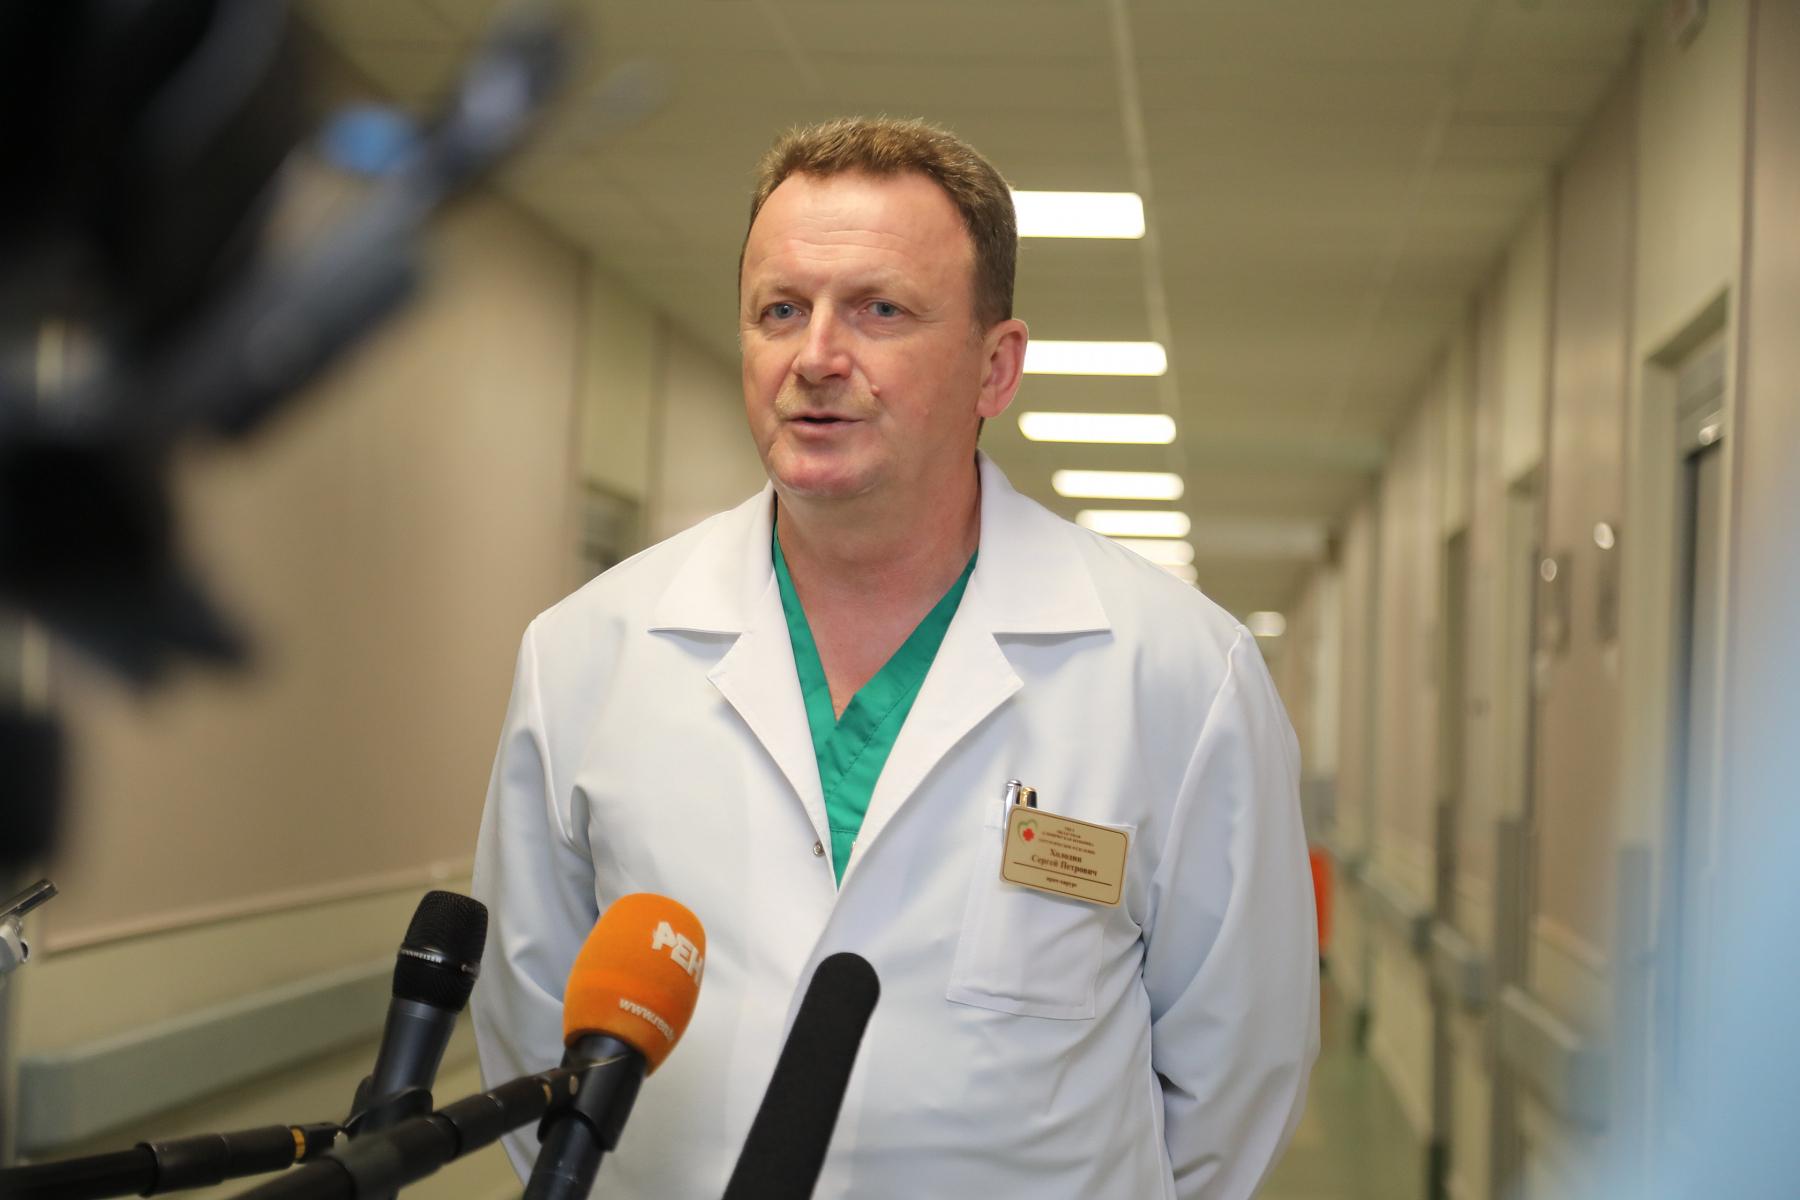 Сергей Холодин: Маска защищает и вас, и других людей